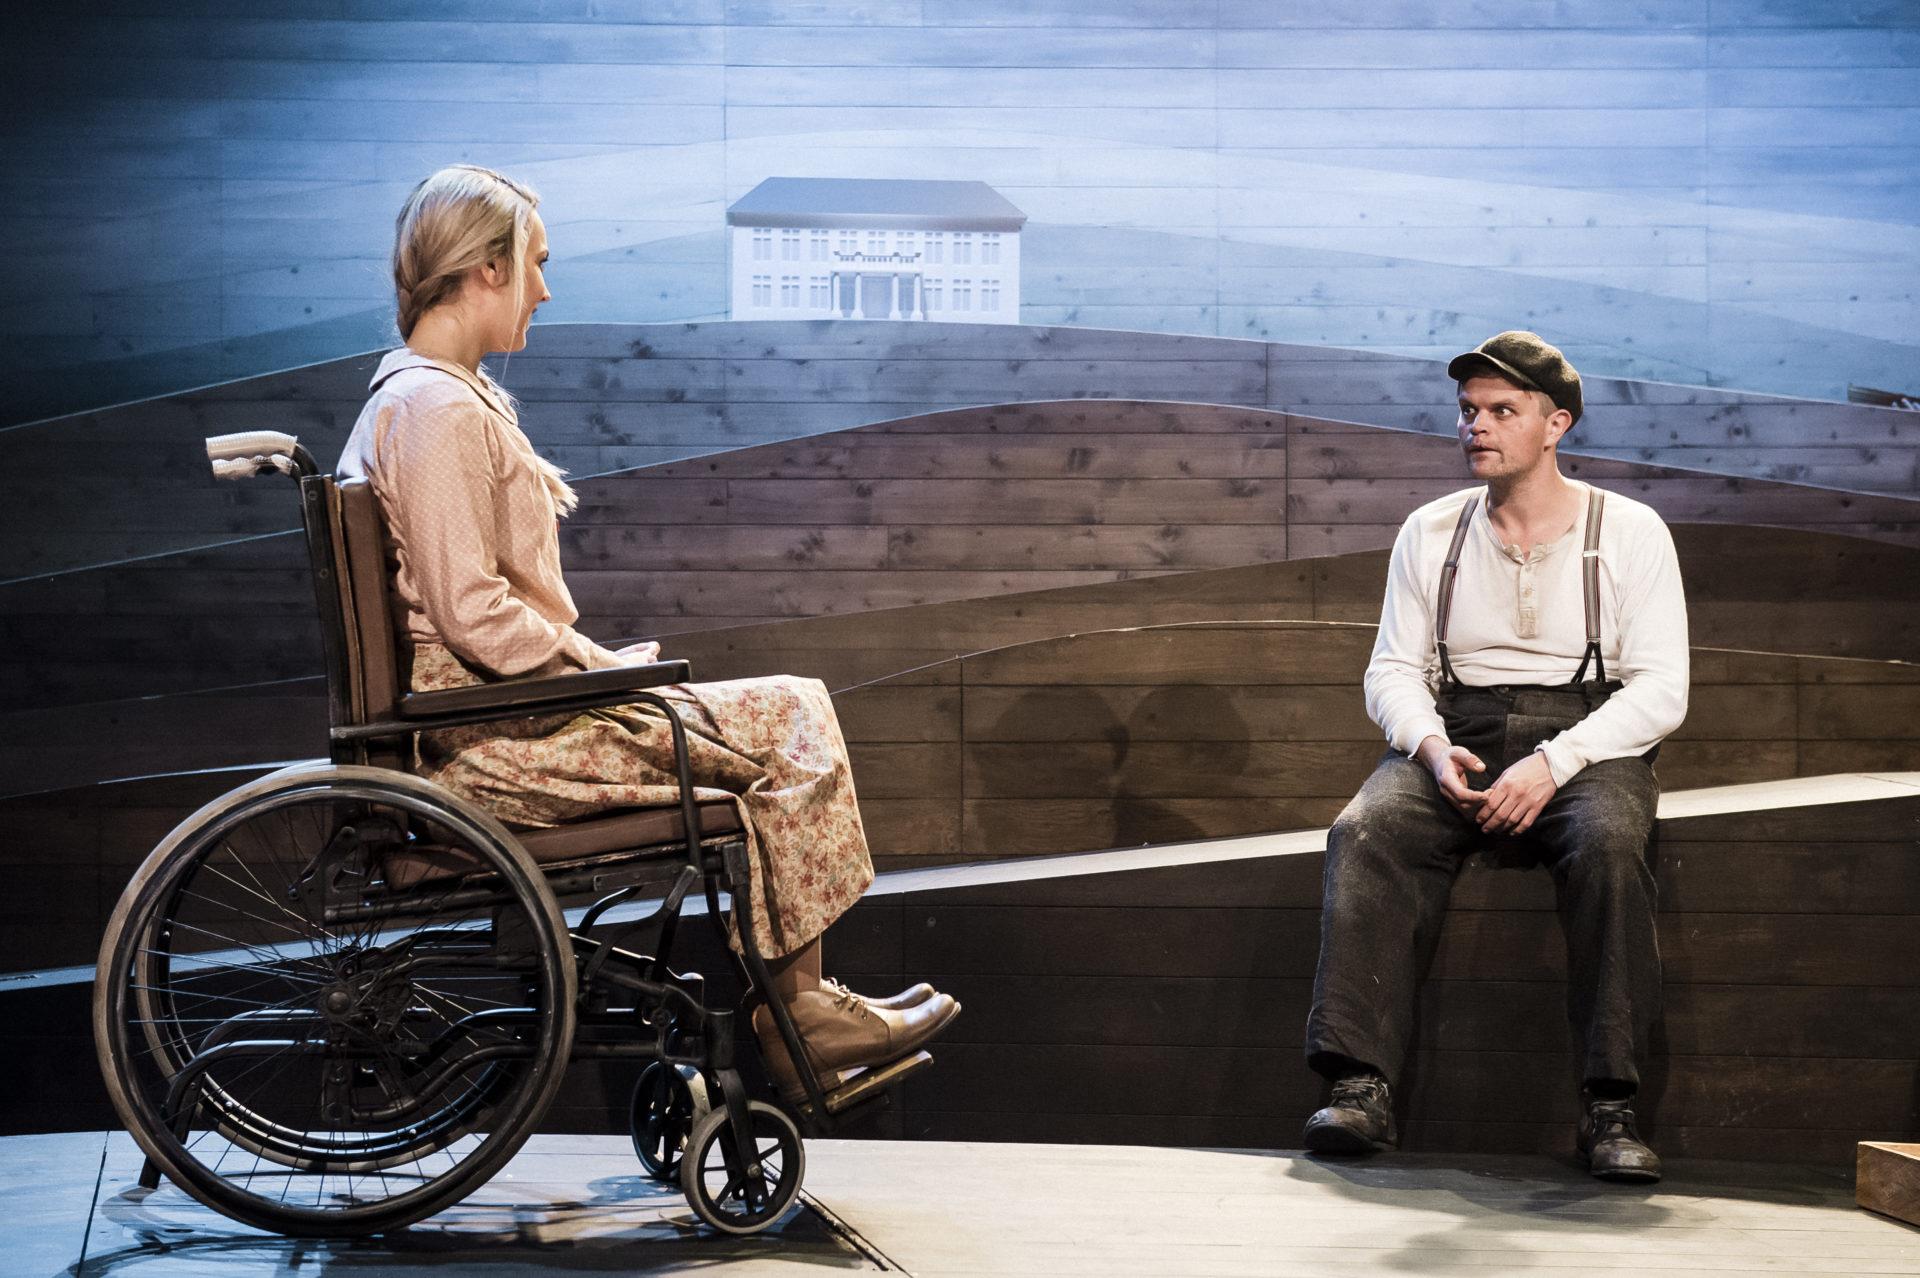 Ung dame i rullestol med ung mann